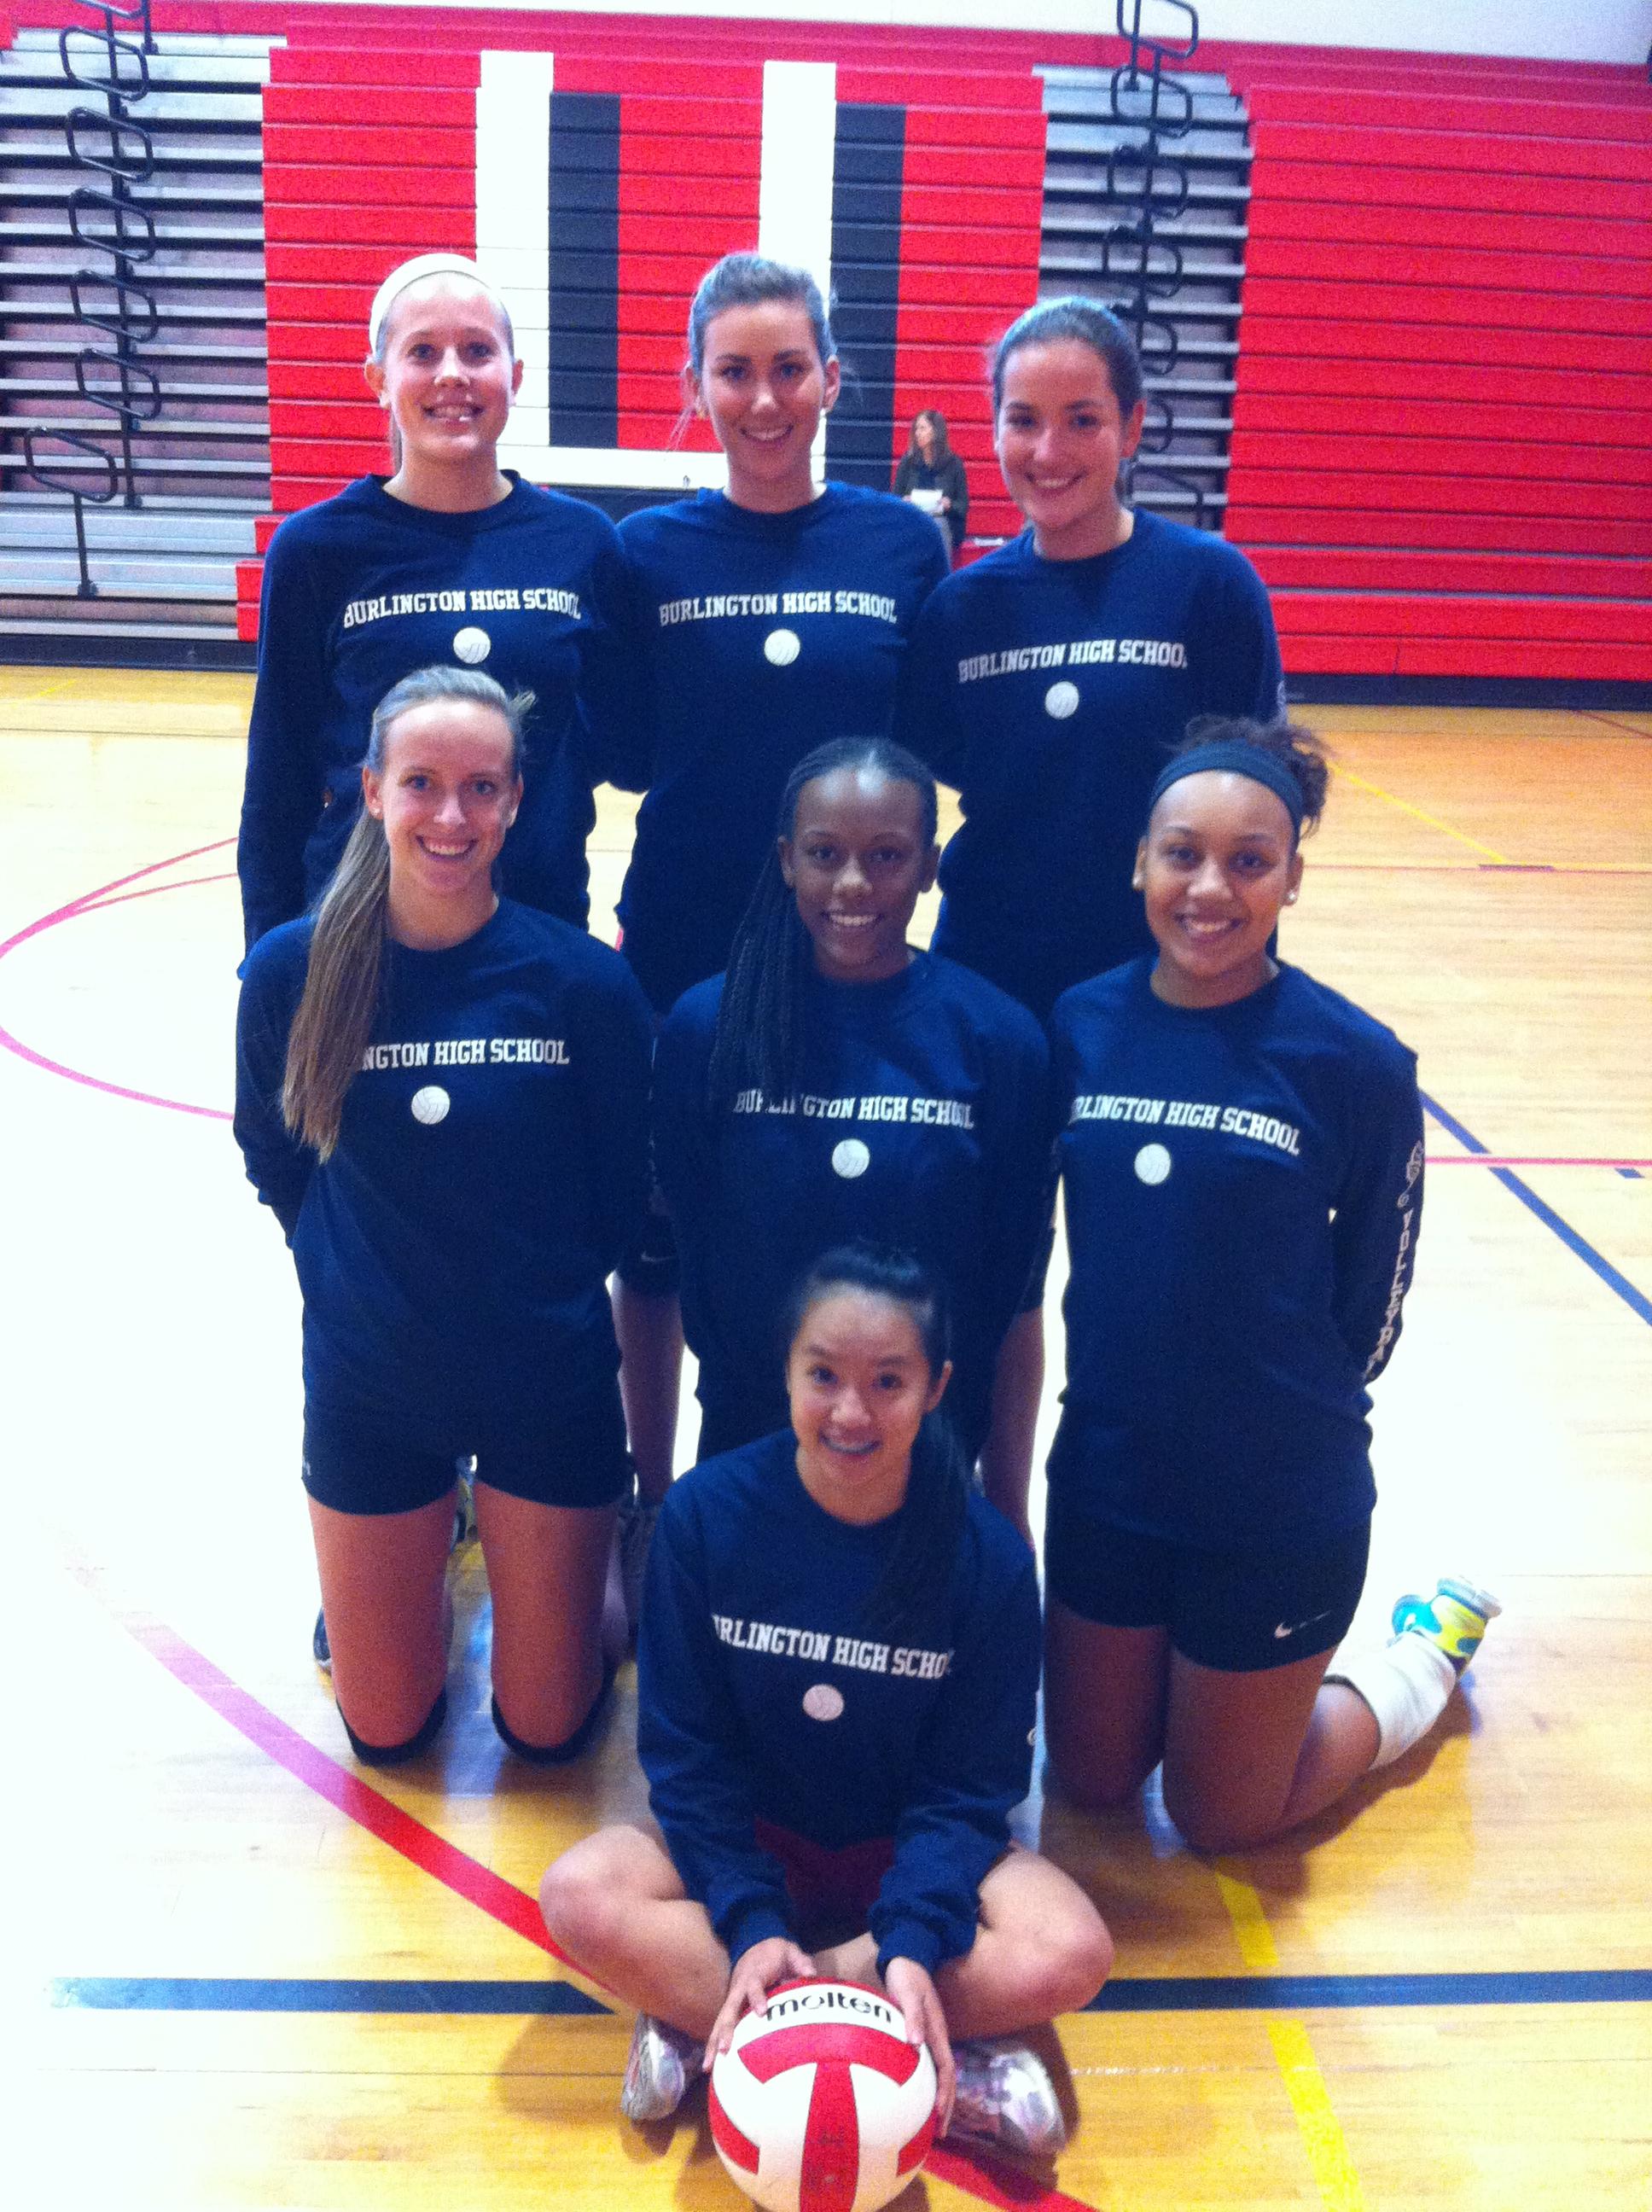 School shirt design your own - Burlington High School Volleyball Divas T Shirt Photo